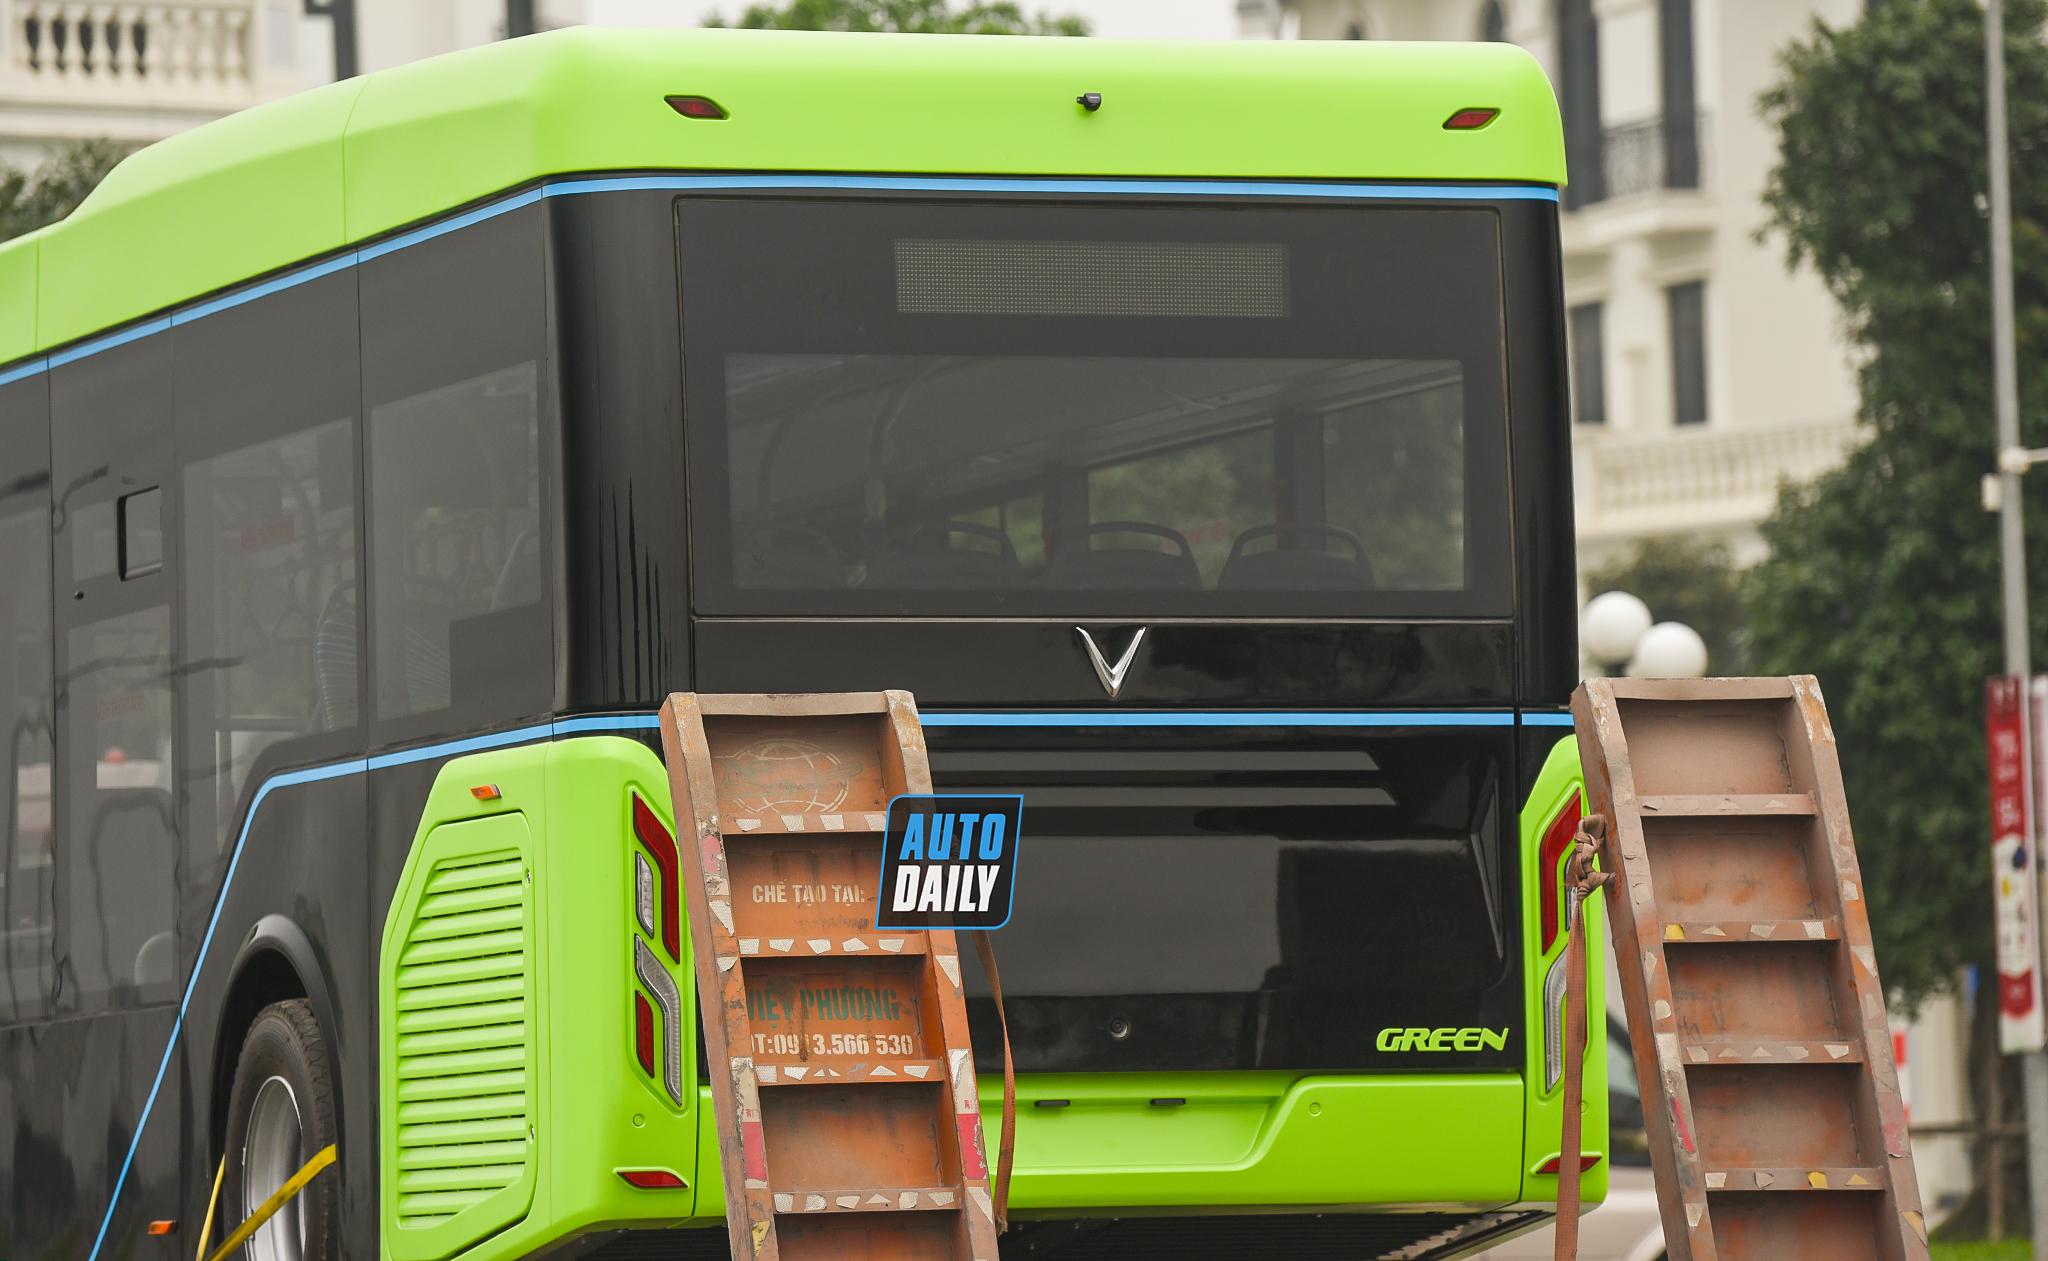 Chùm ảnh loạt xe Bus điện VinFast có mặt tại Hà Nội, sẵn sàng chạy thí điểm dsc-38778-copy.jpg